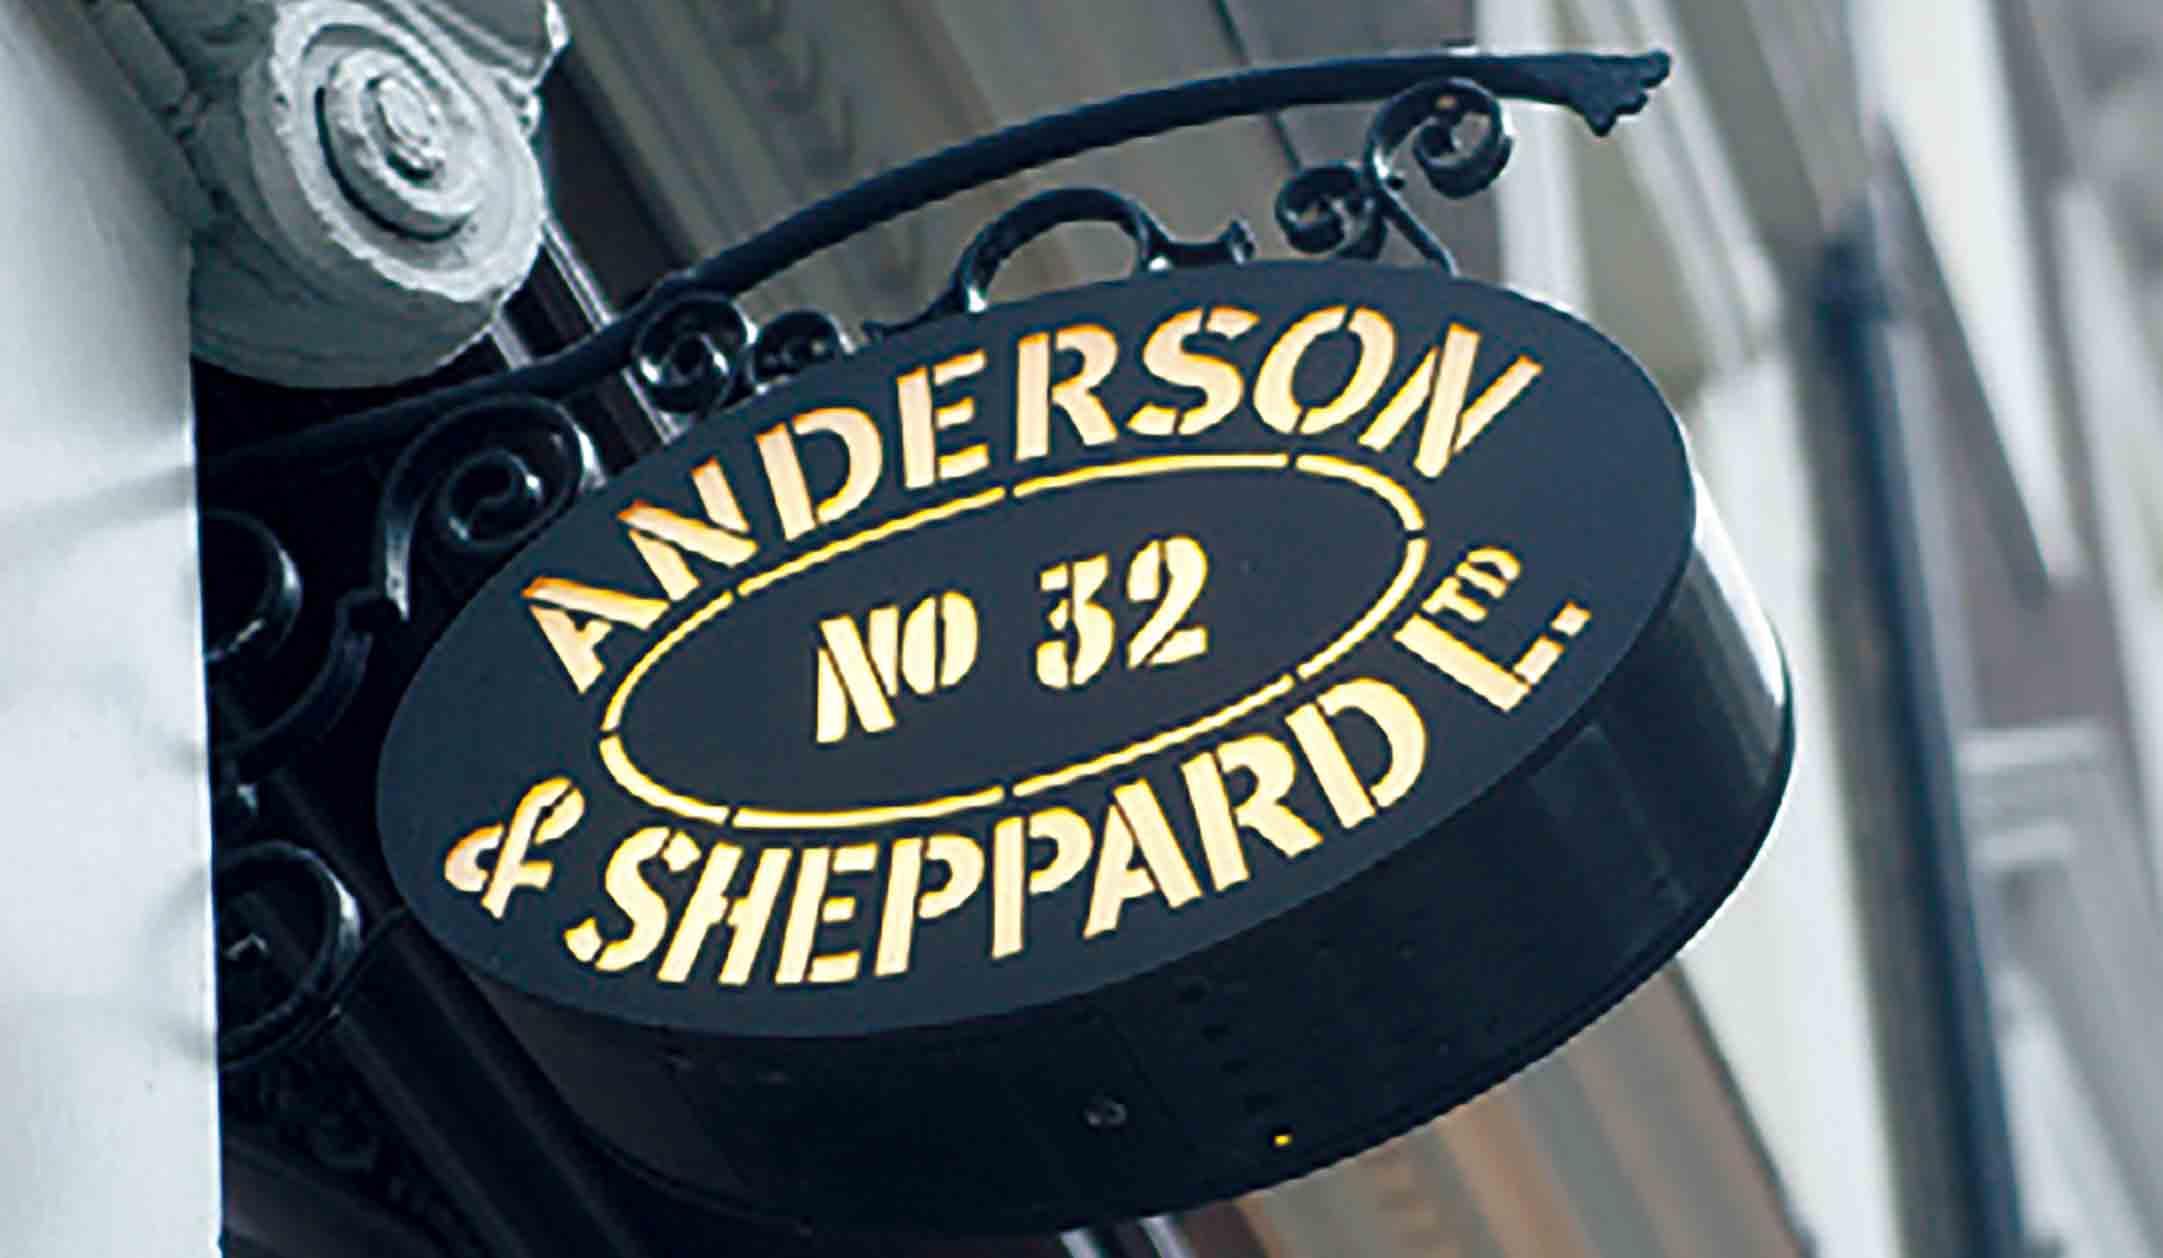 アンダーソン&シェパードの看板